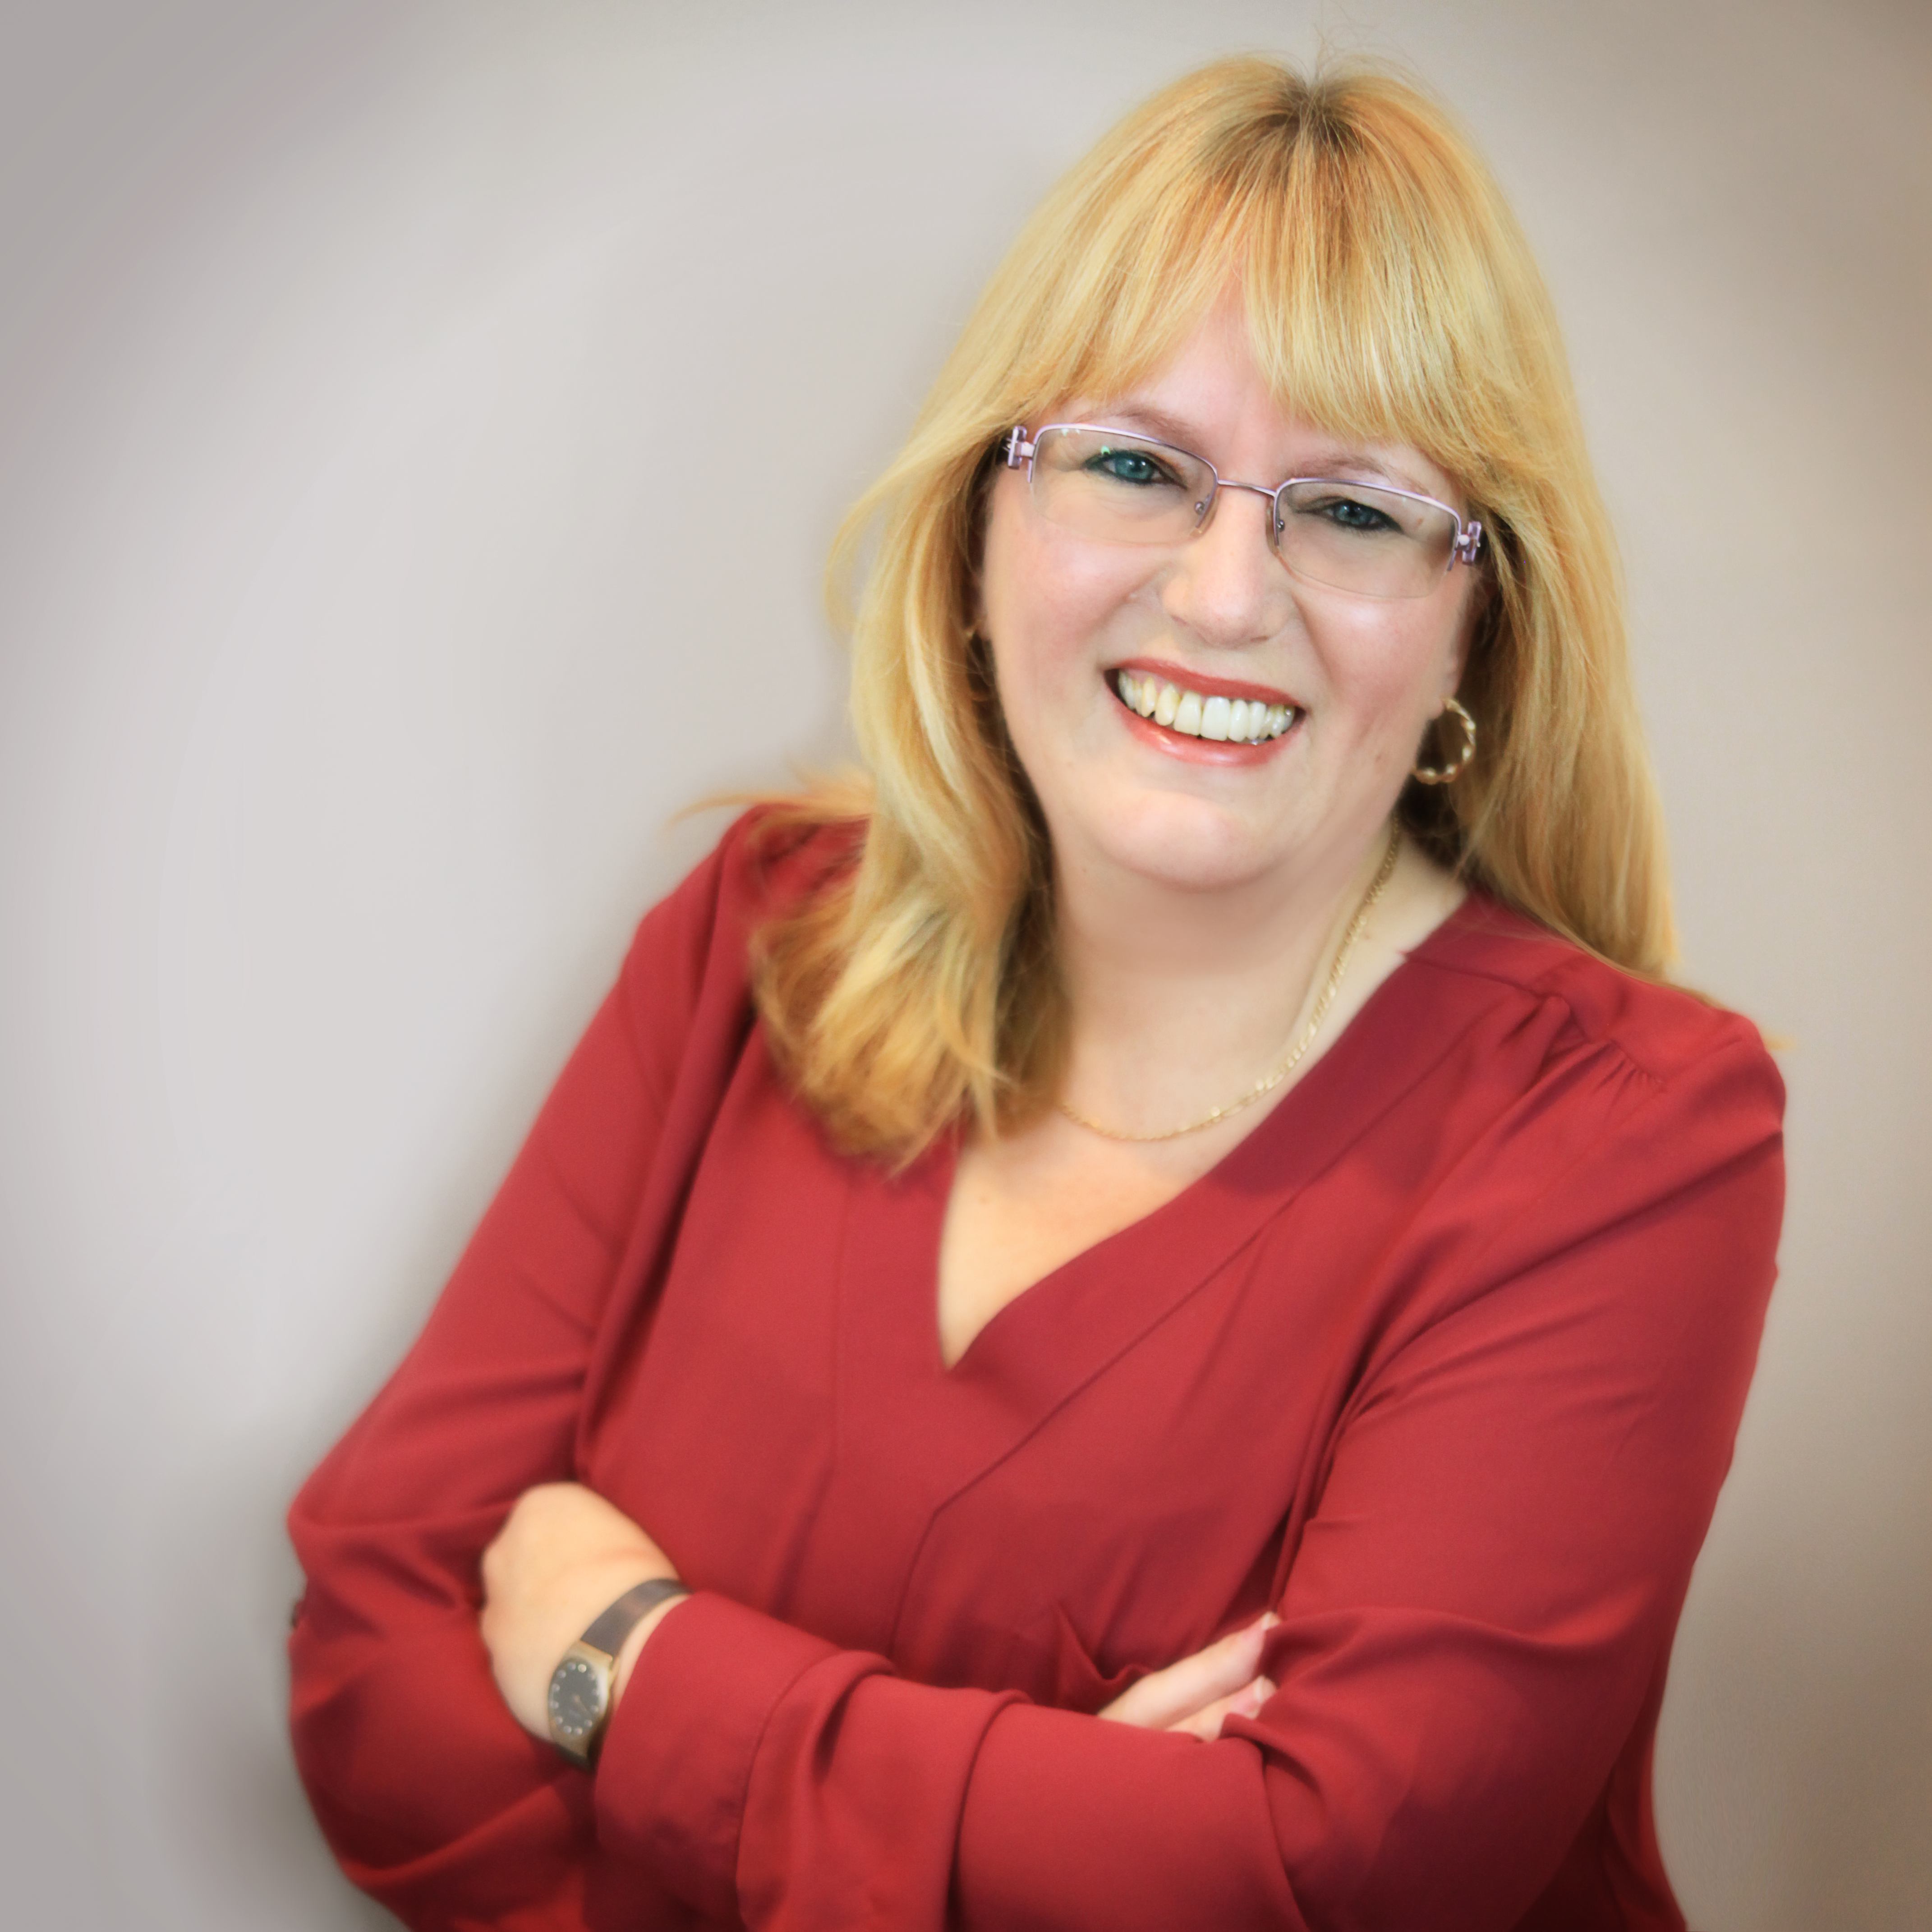 Glenda Trotter